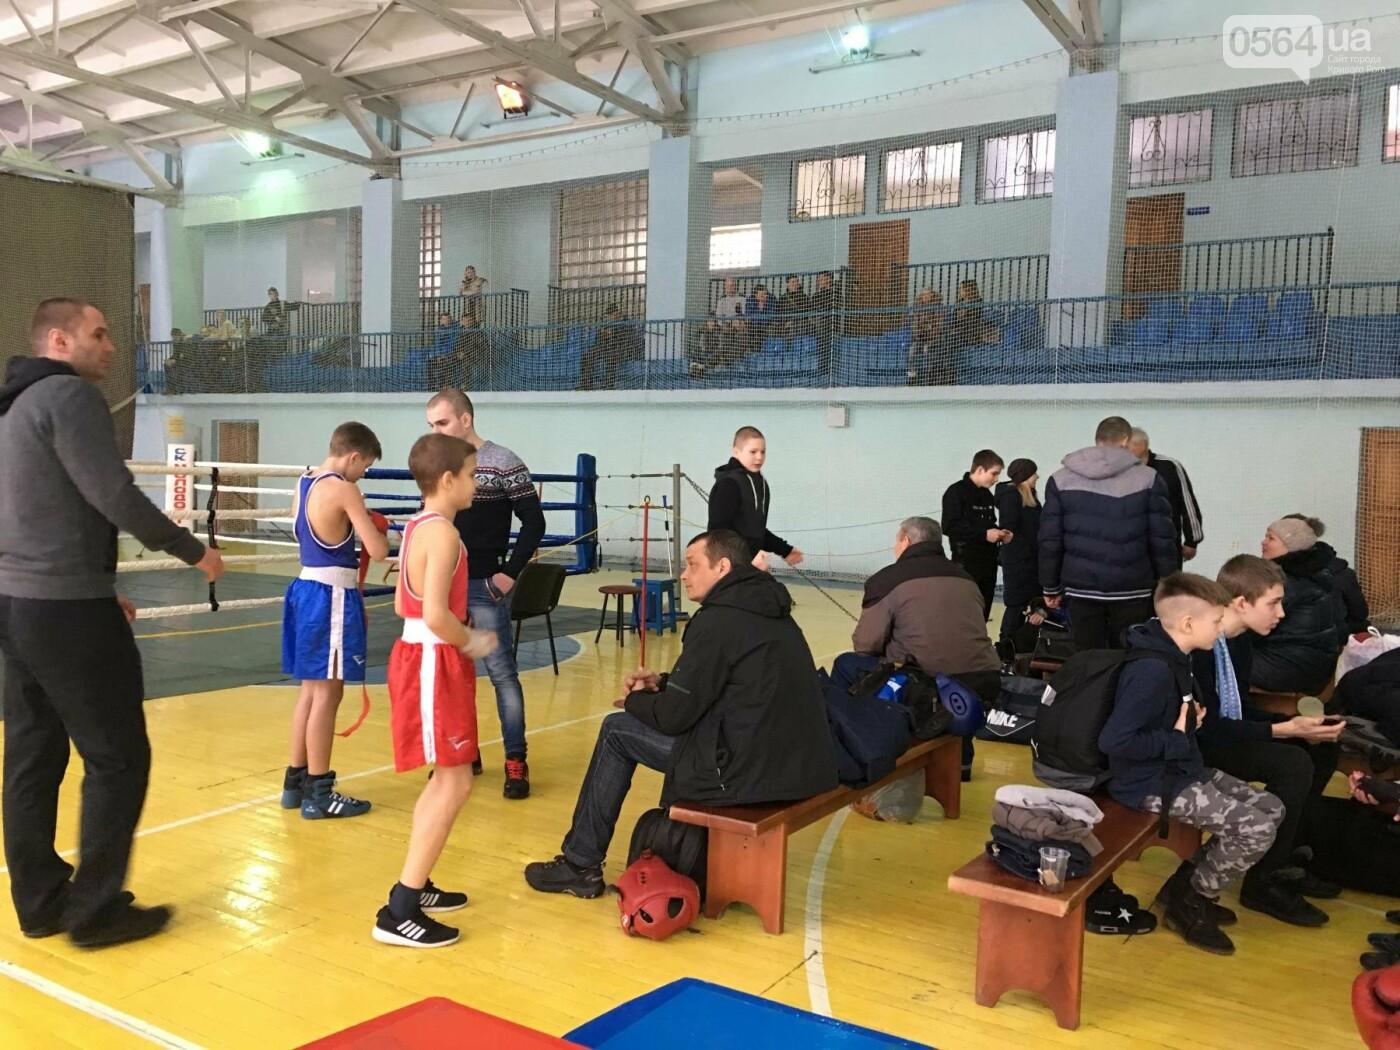 В Кривом Роге состоялся Международный турнир по боксу (ФОТО, ВИДЕО), фото-9